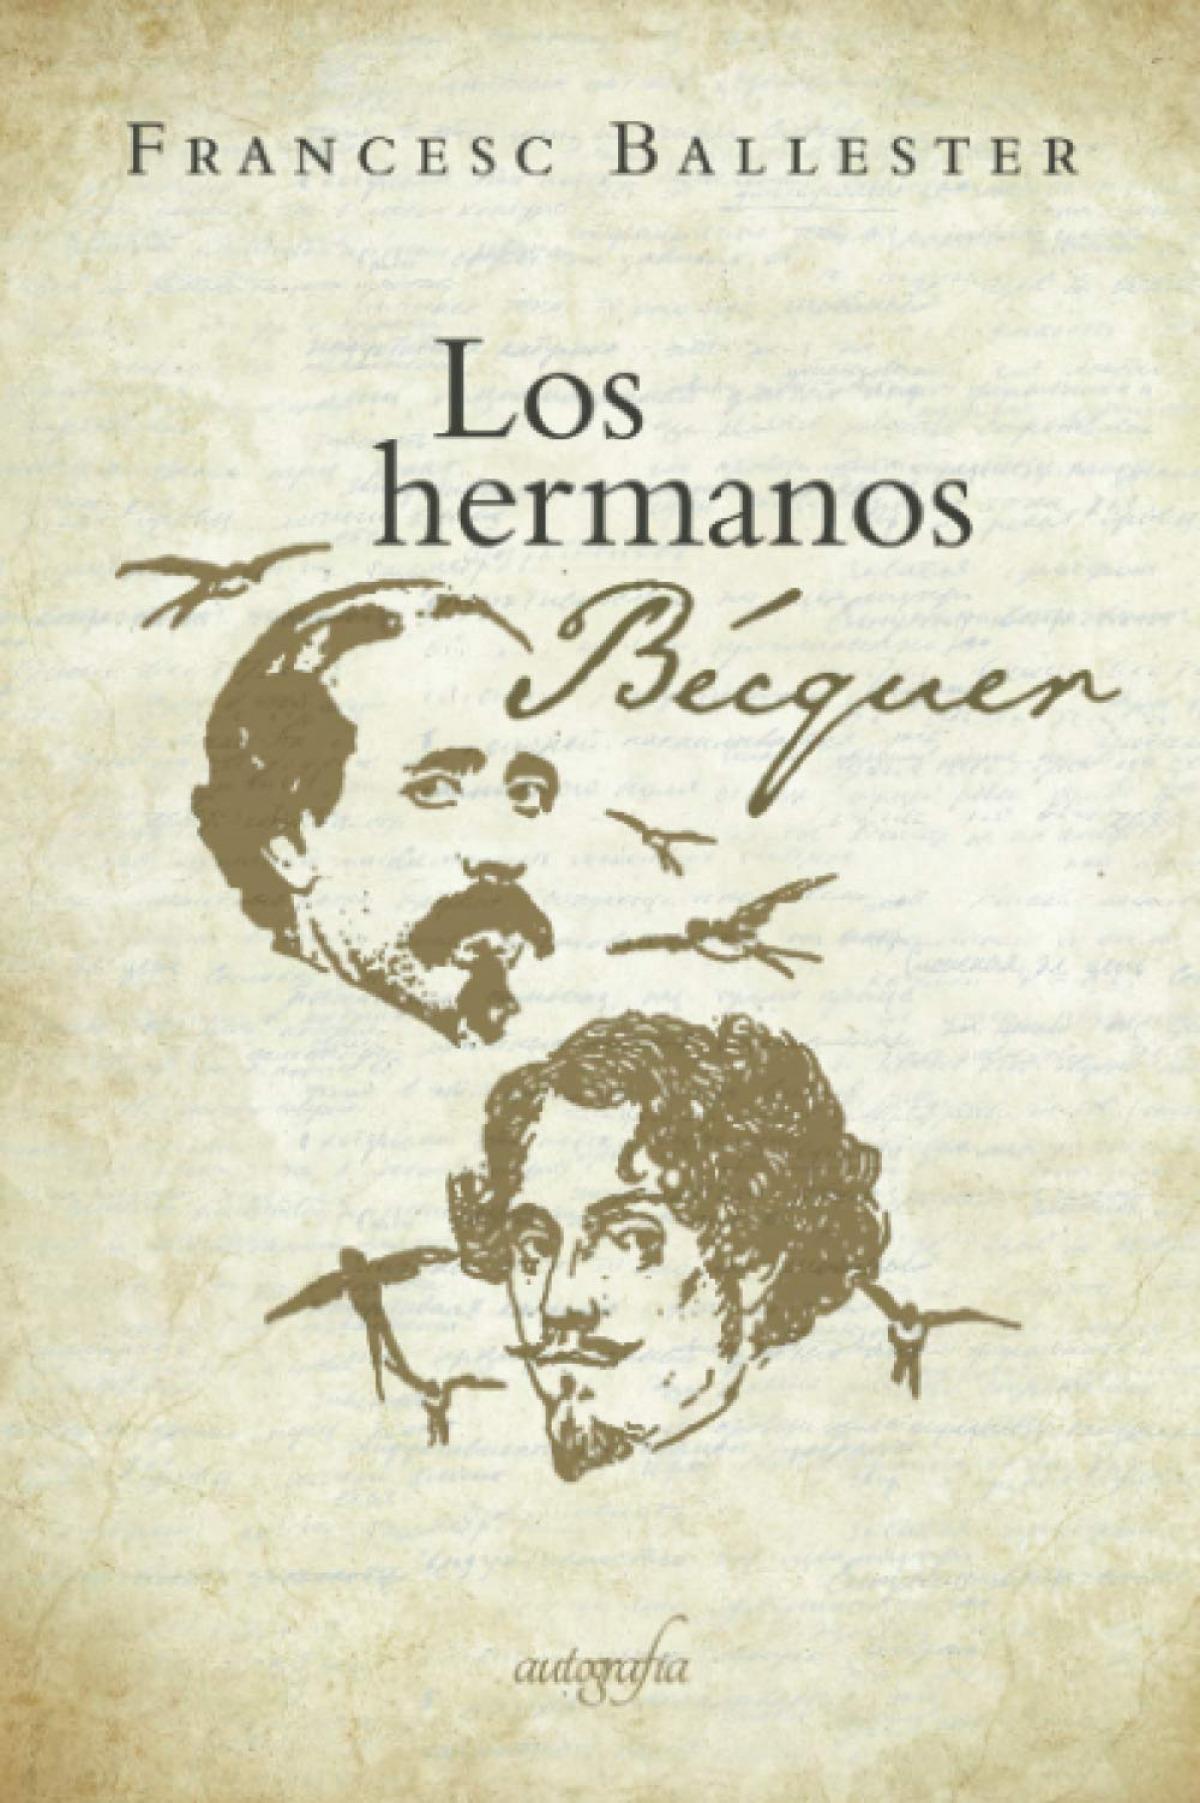 Los hermanos Bécquer